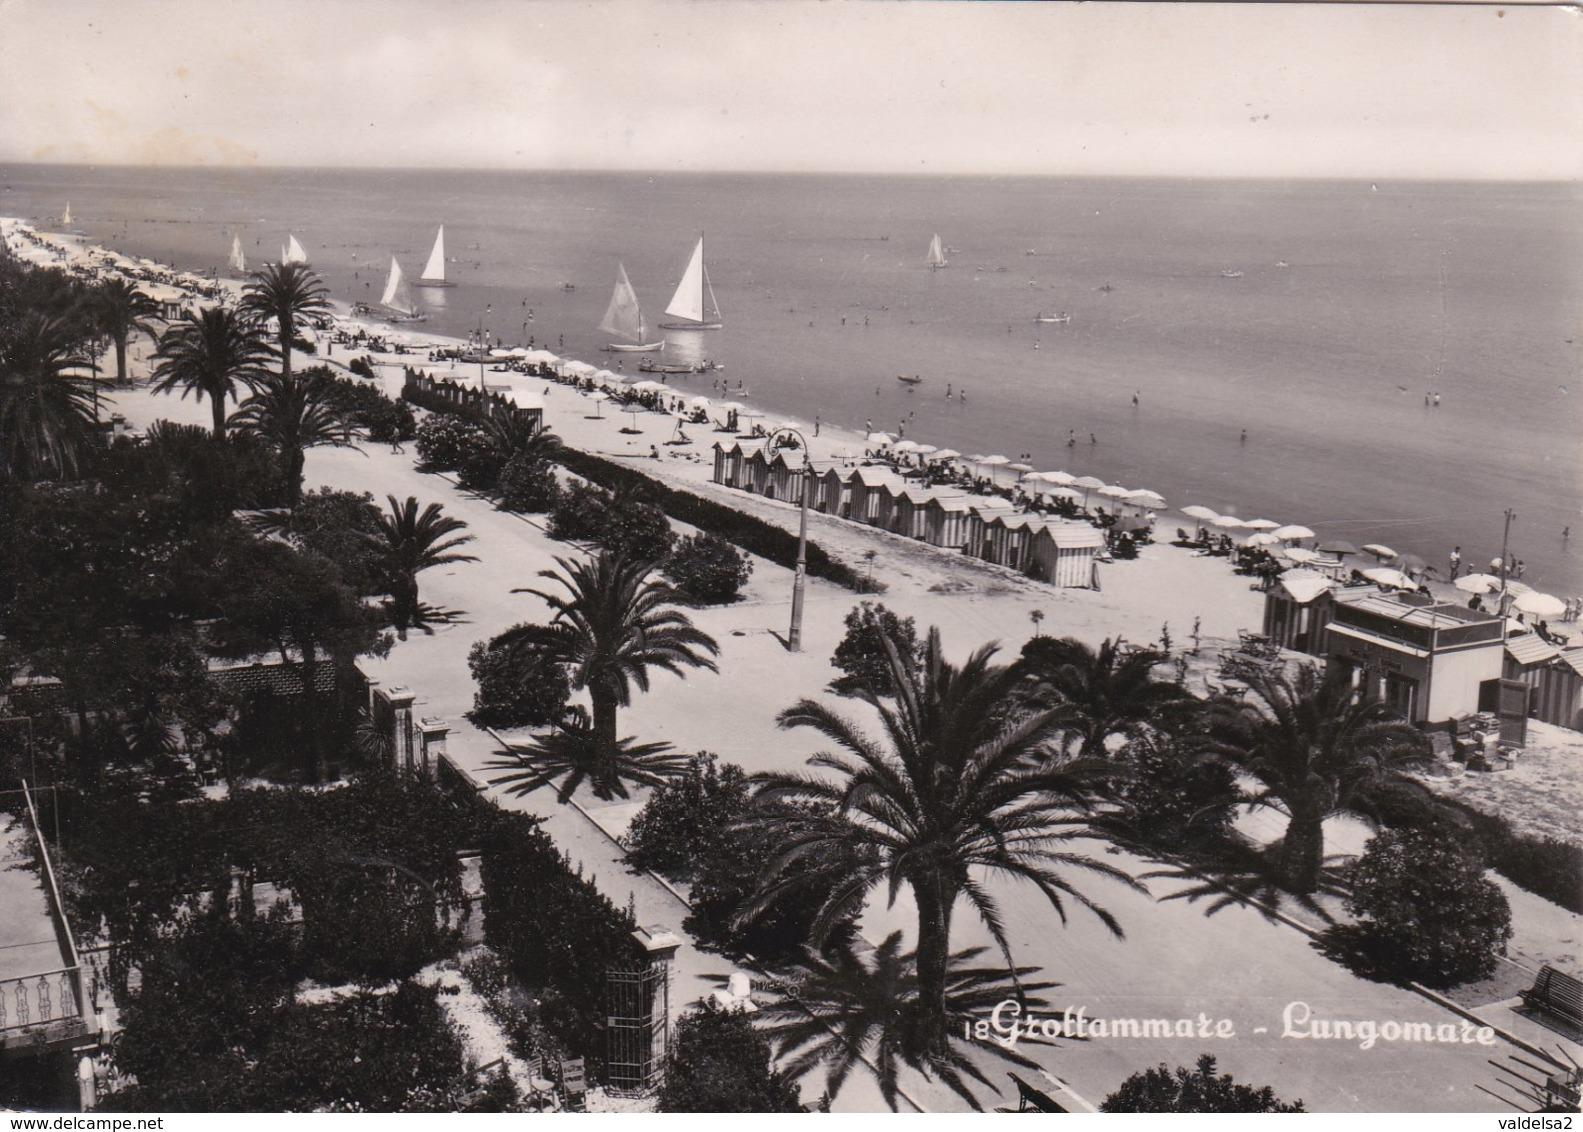 GROTTAMMARE - ASCOLI PICENO - LUNGOMARE E SPIAGGIA - 1952 - Ascoli Piceno